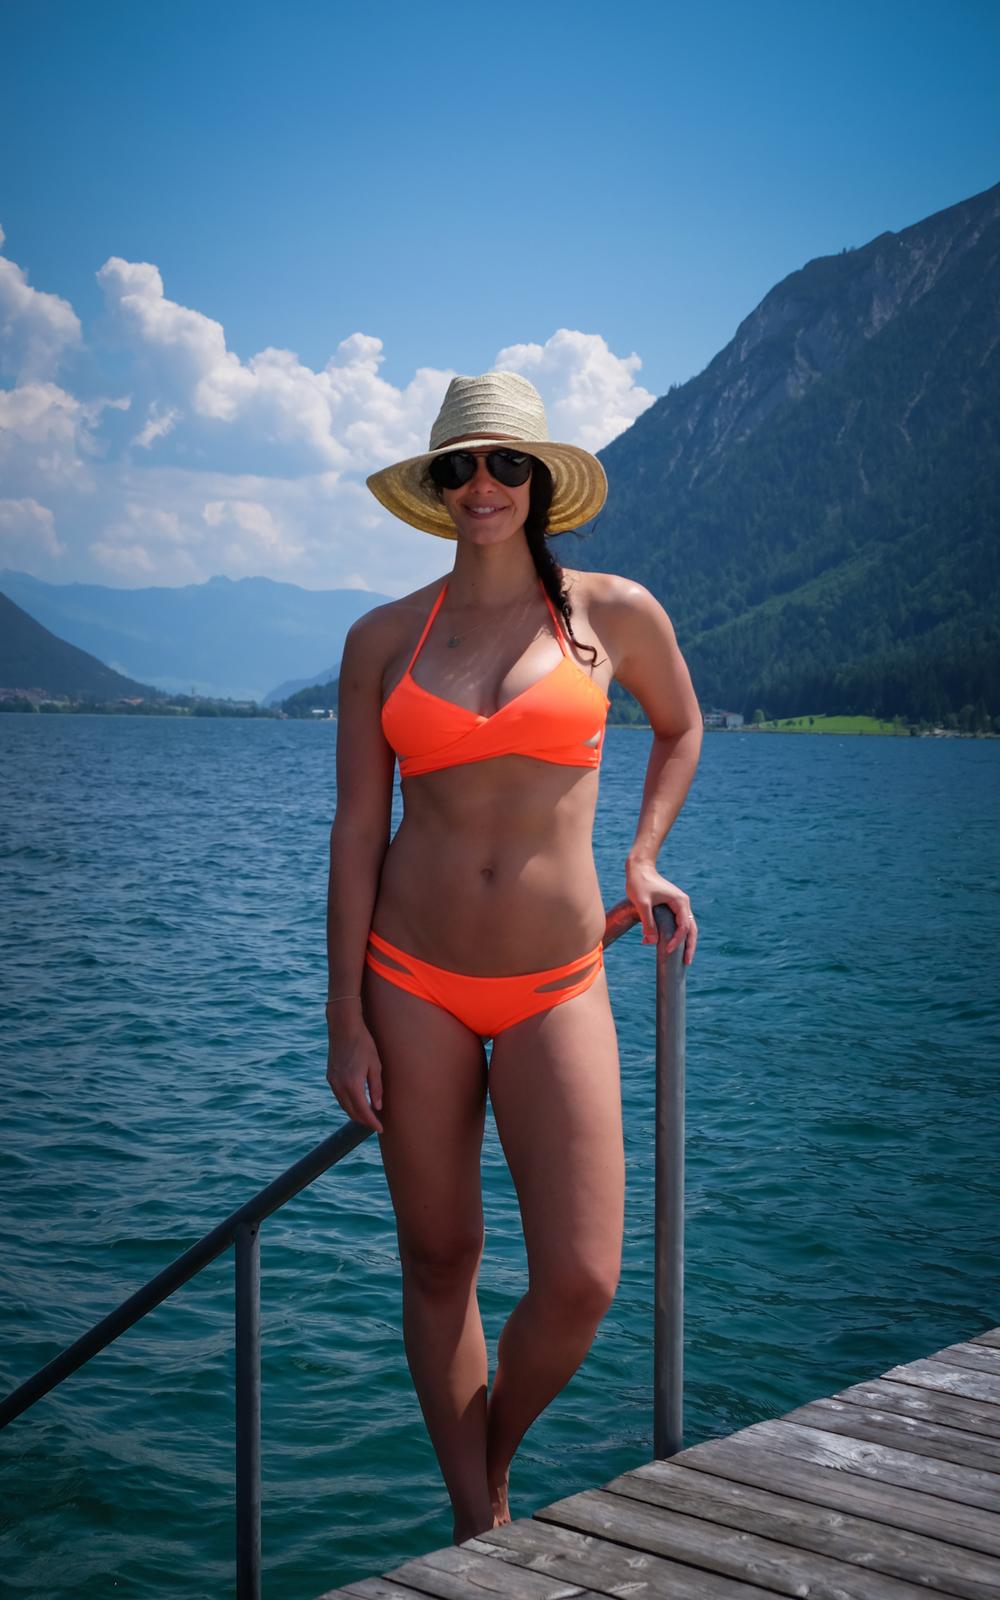 LaurenSchwaiger-Travel-Blog-Austria-Achensee-HM-Bikini.jpg